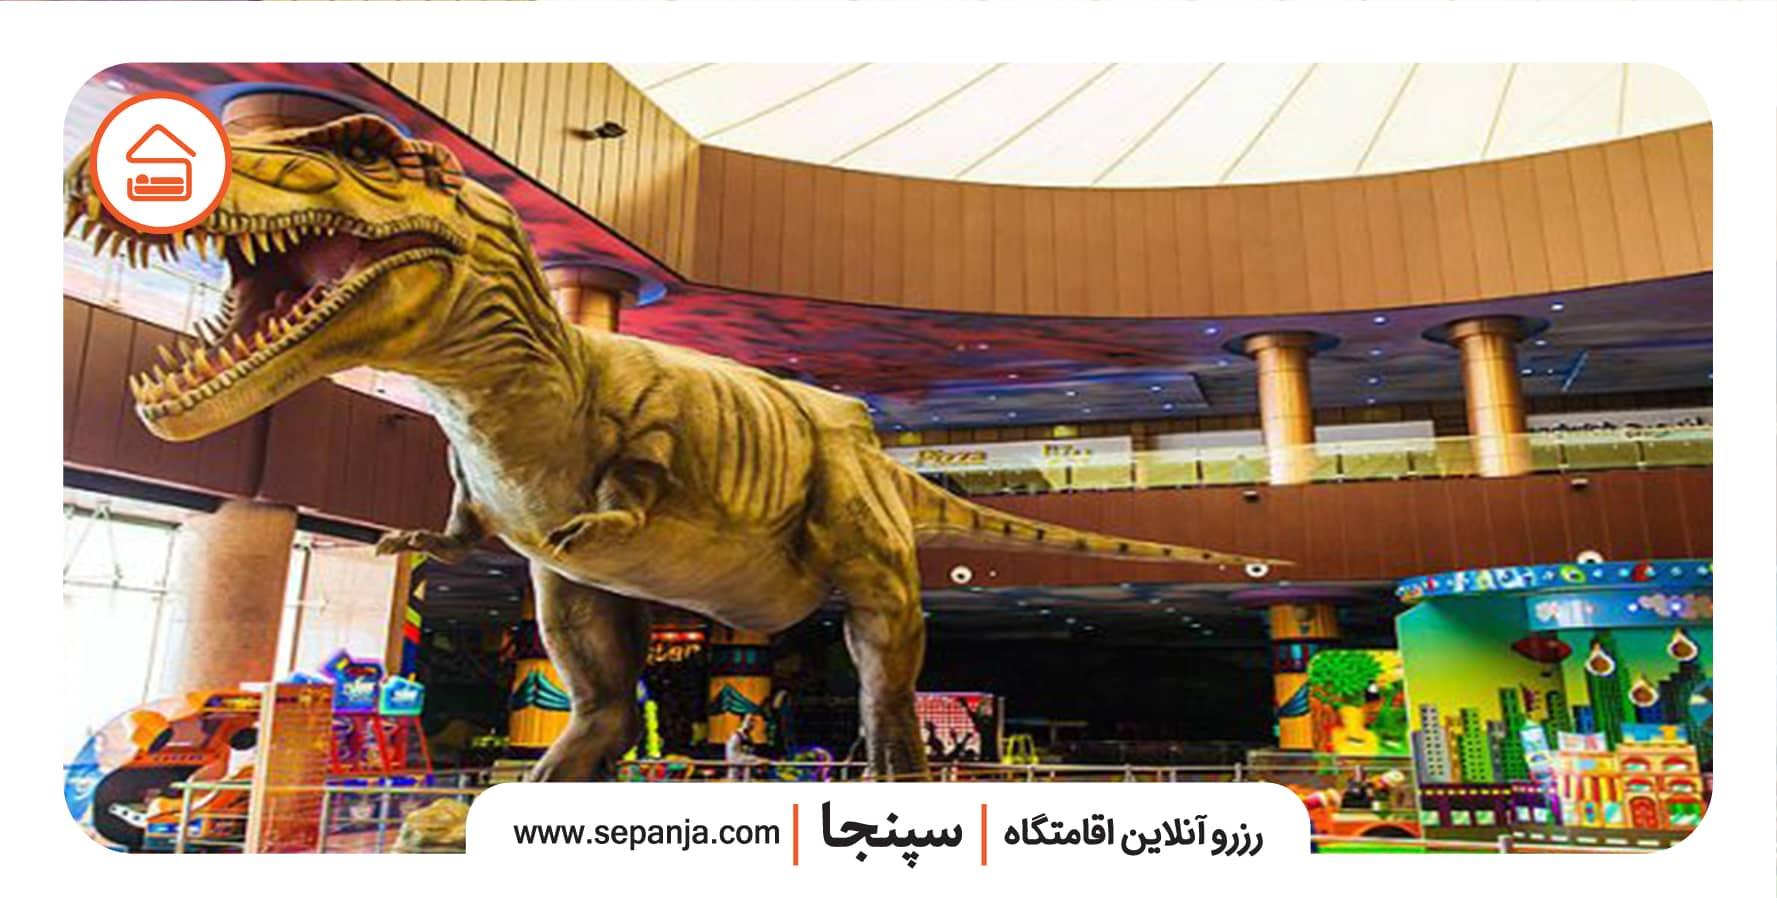 بزرگترین شهربازی سرپوشیده در شیراز